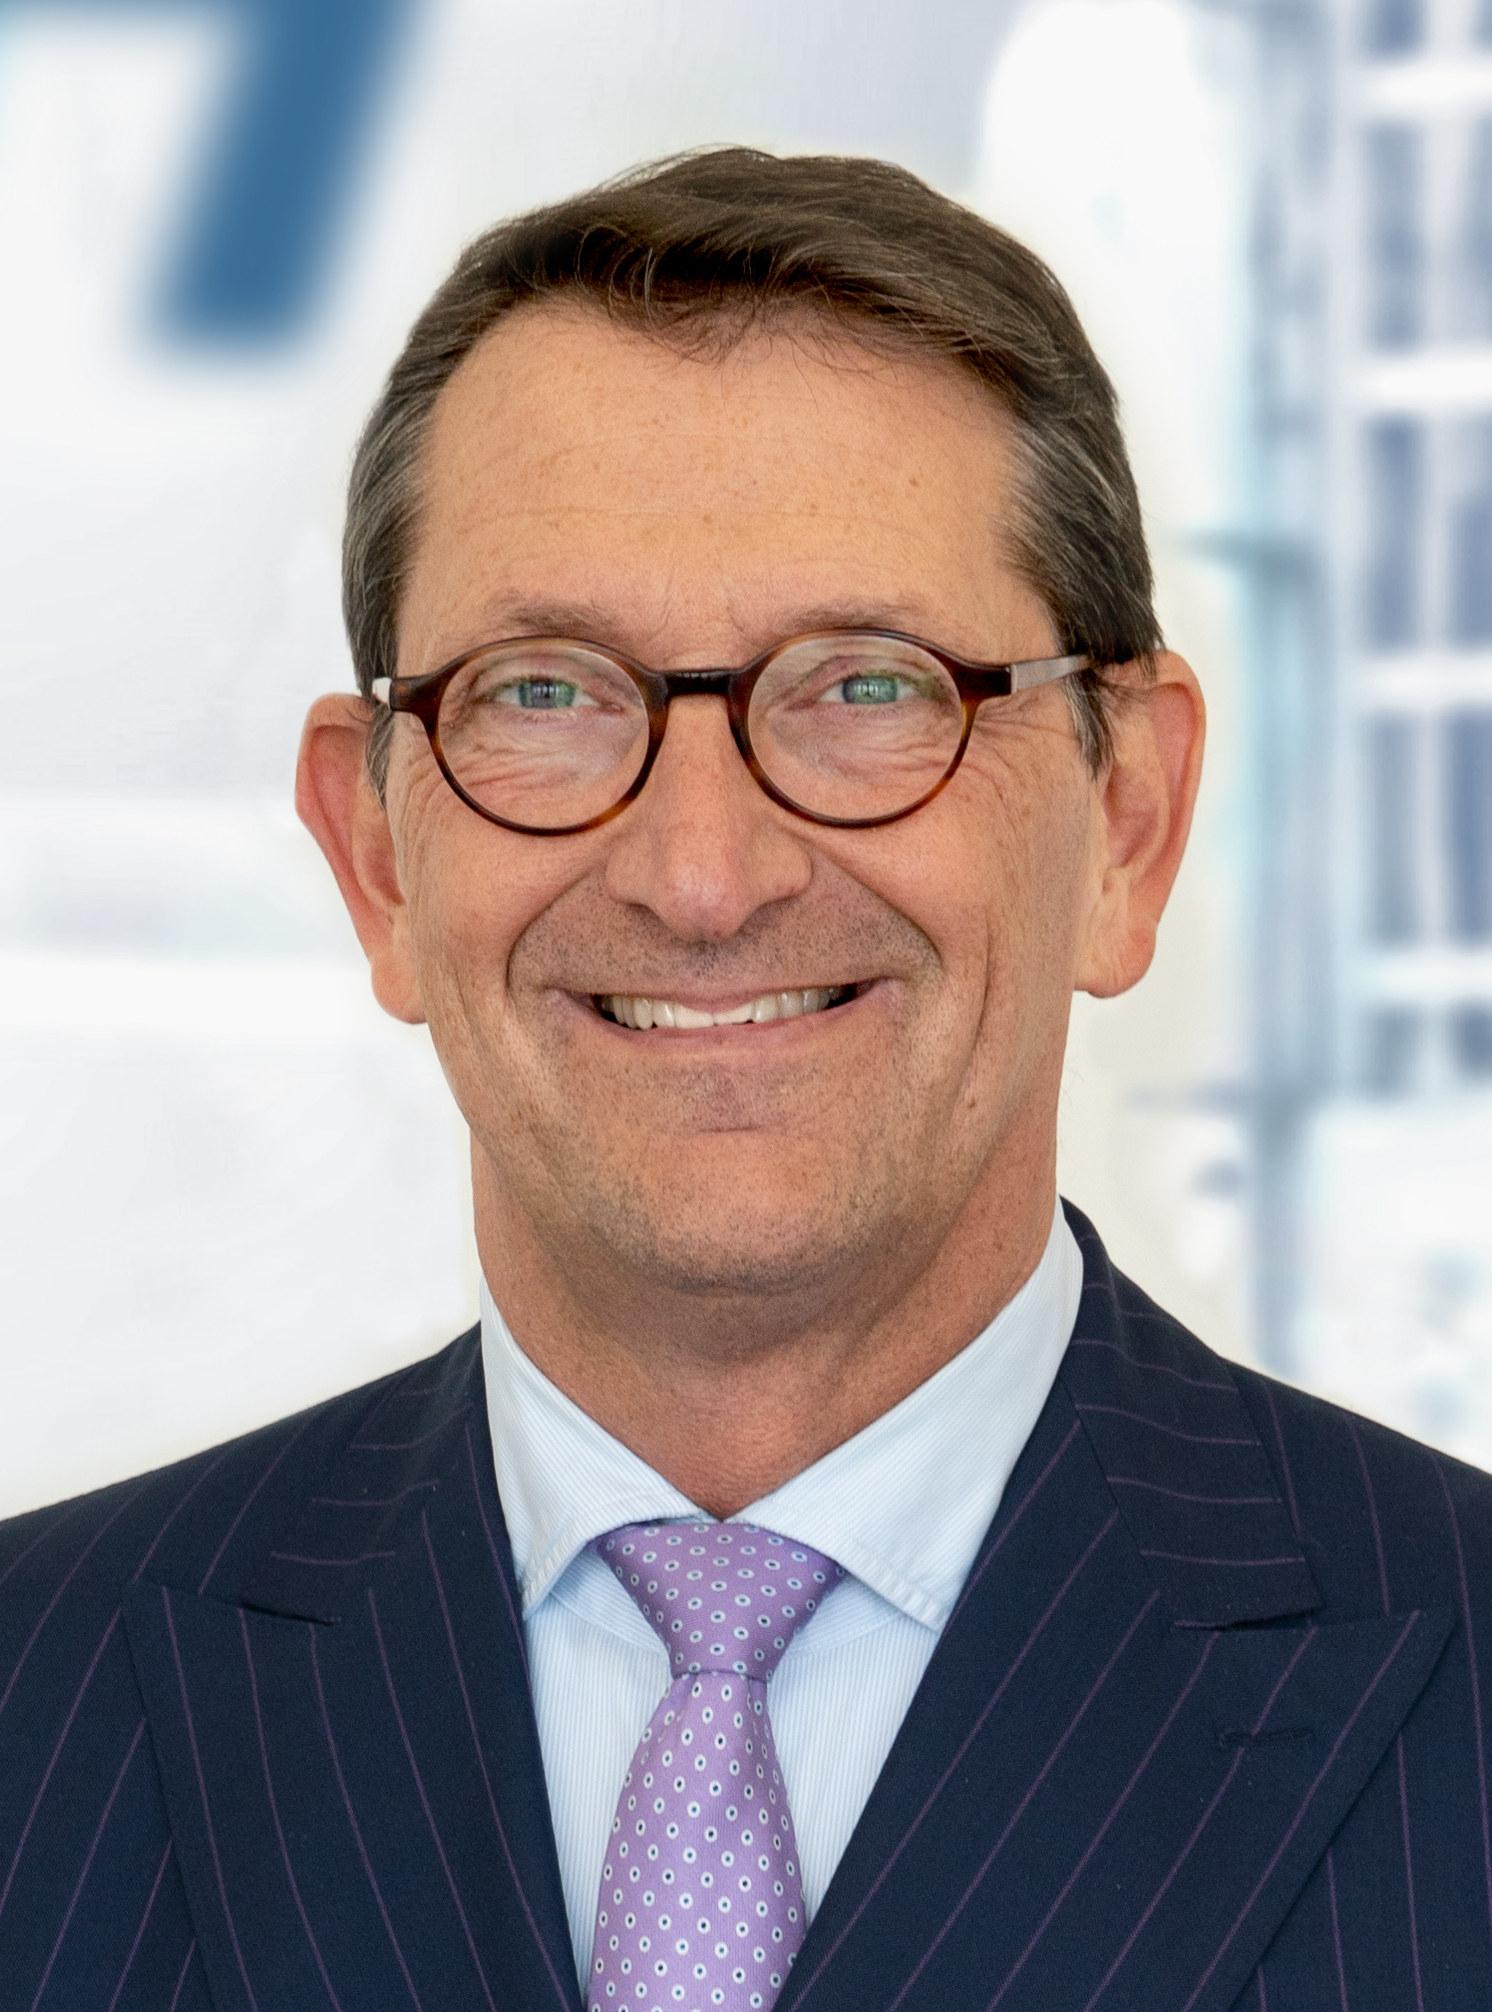 Marcus A. Wassenberg, Heidelberger Druckmaschinen AG